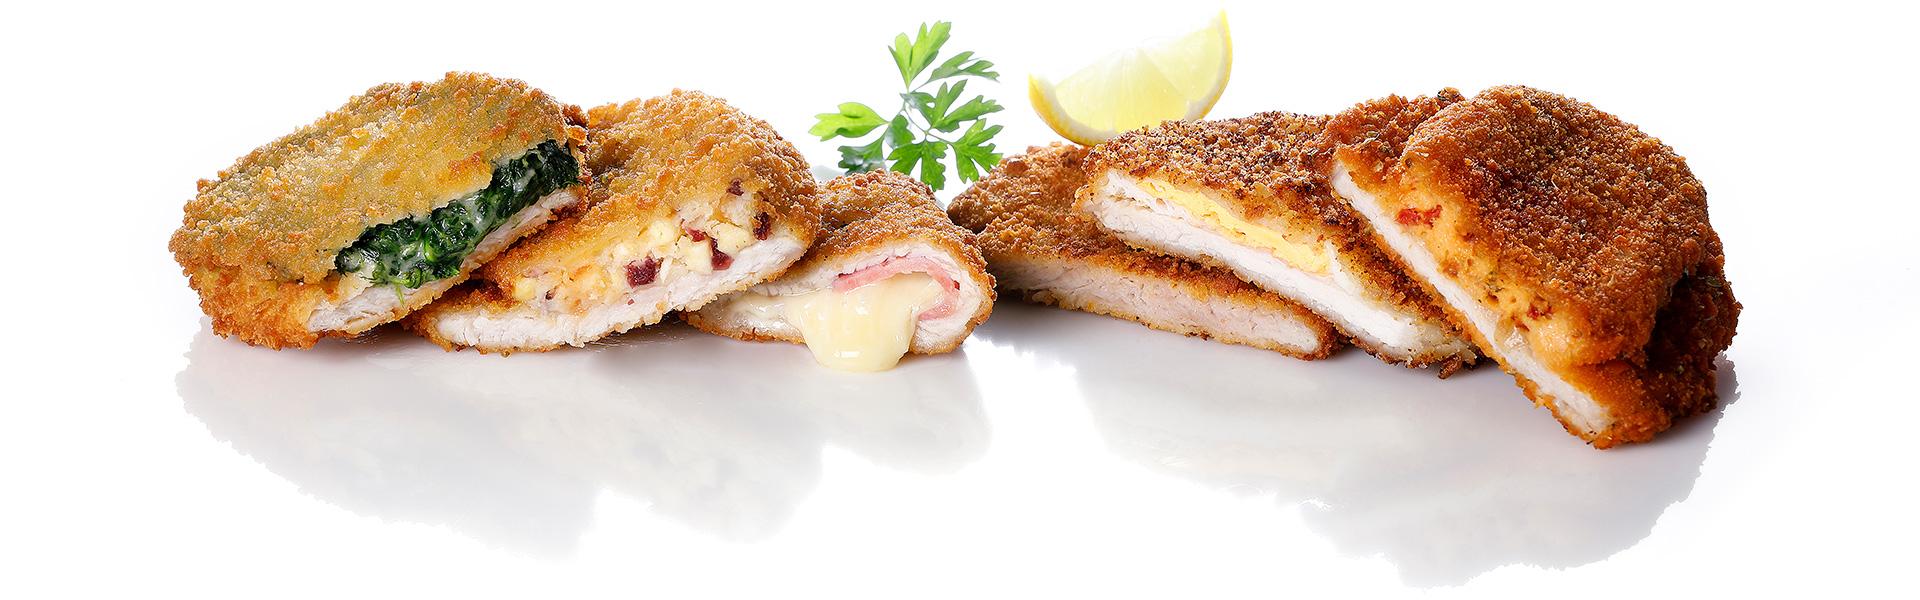 Verschiedene Schnitzel Variationen und Füllungen - HAPPY FOOD